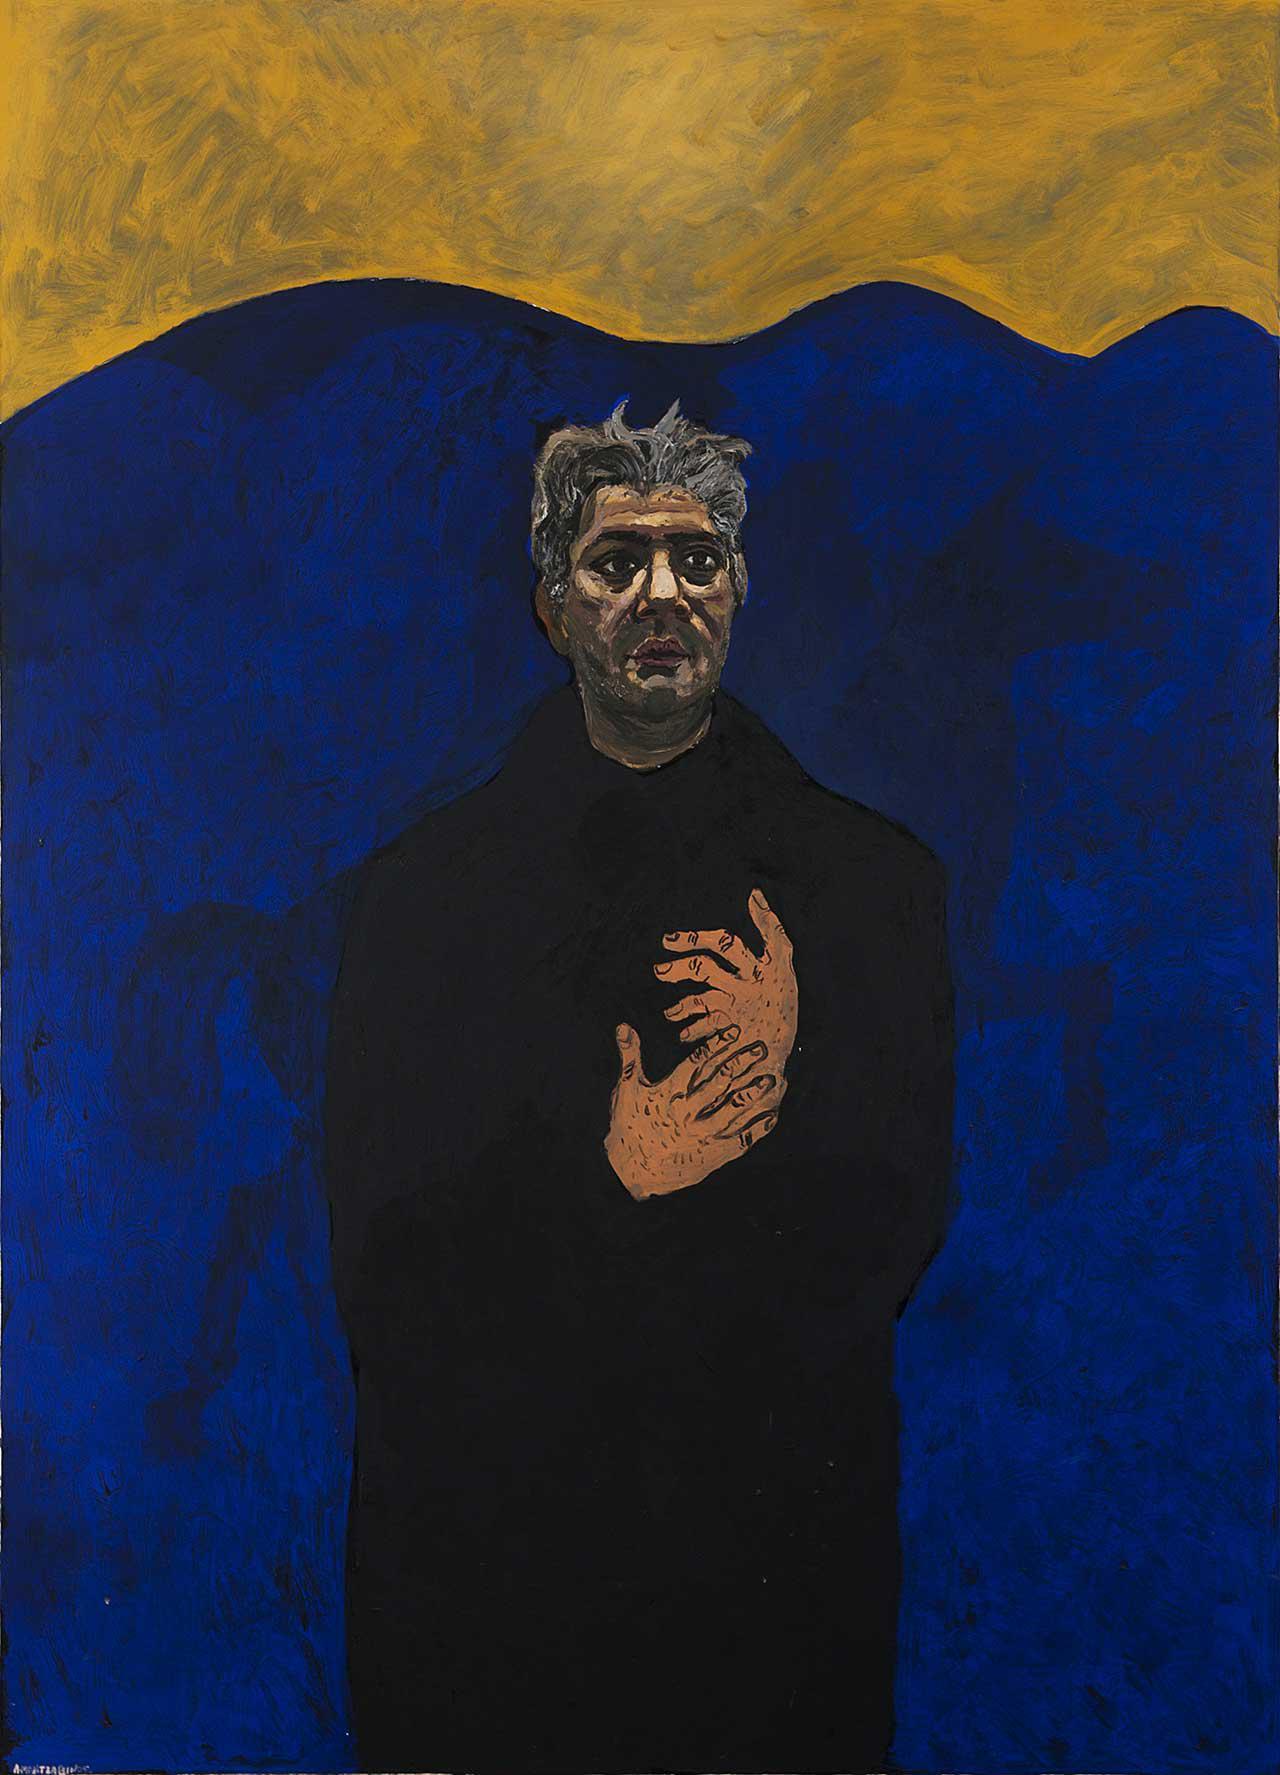 Αυτοπροσωπογραφία (40 χρόνων), 1999, λάδι σε καμβά, 165x120 εκ.